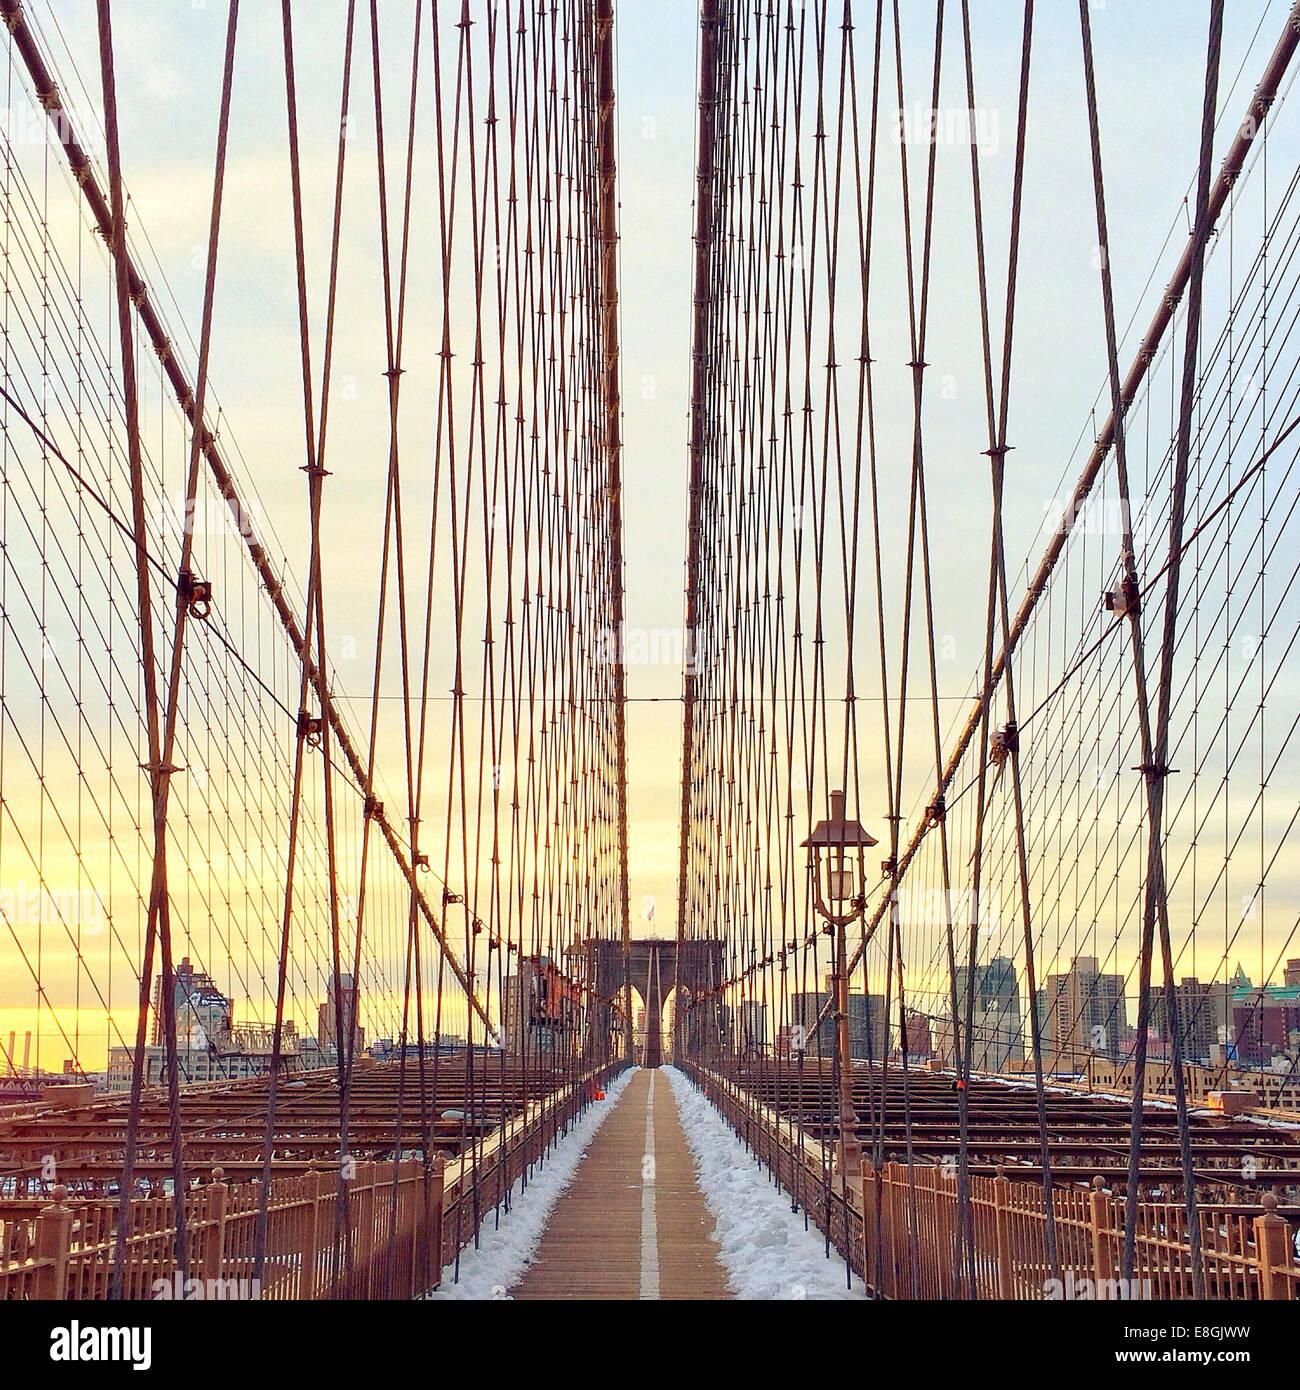 Puente de Brooklyn al atardecer, Nueva York, Estados Unidos, EE.UU. Imagen De Stock